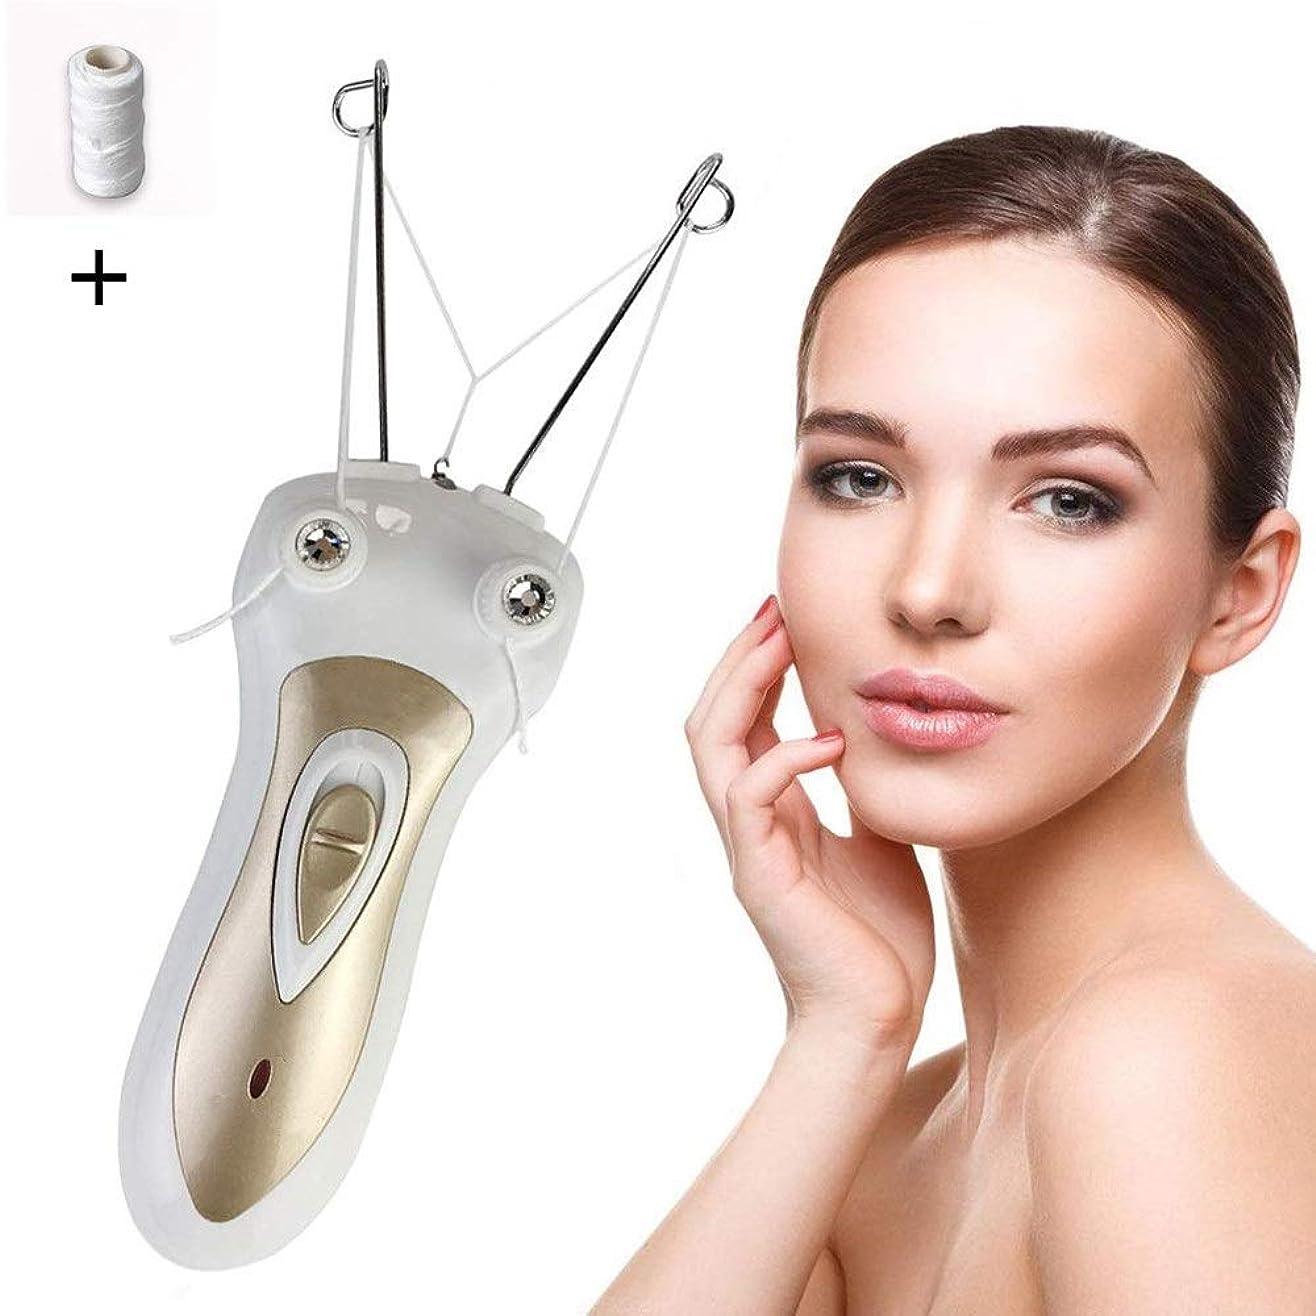 つらいエクスタシータンザニア顔毛リムーバー、電動スレッディング脱毛器、ピーチファズ上唇のあごの毛と口ひげを除去する女性のための眉毛リムーバー、充電式USB